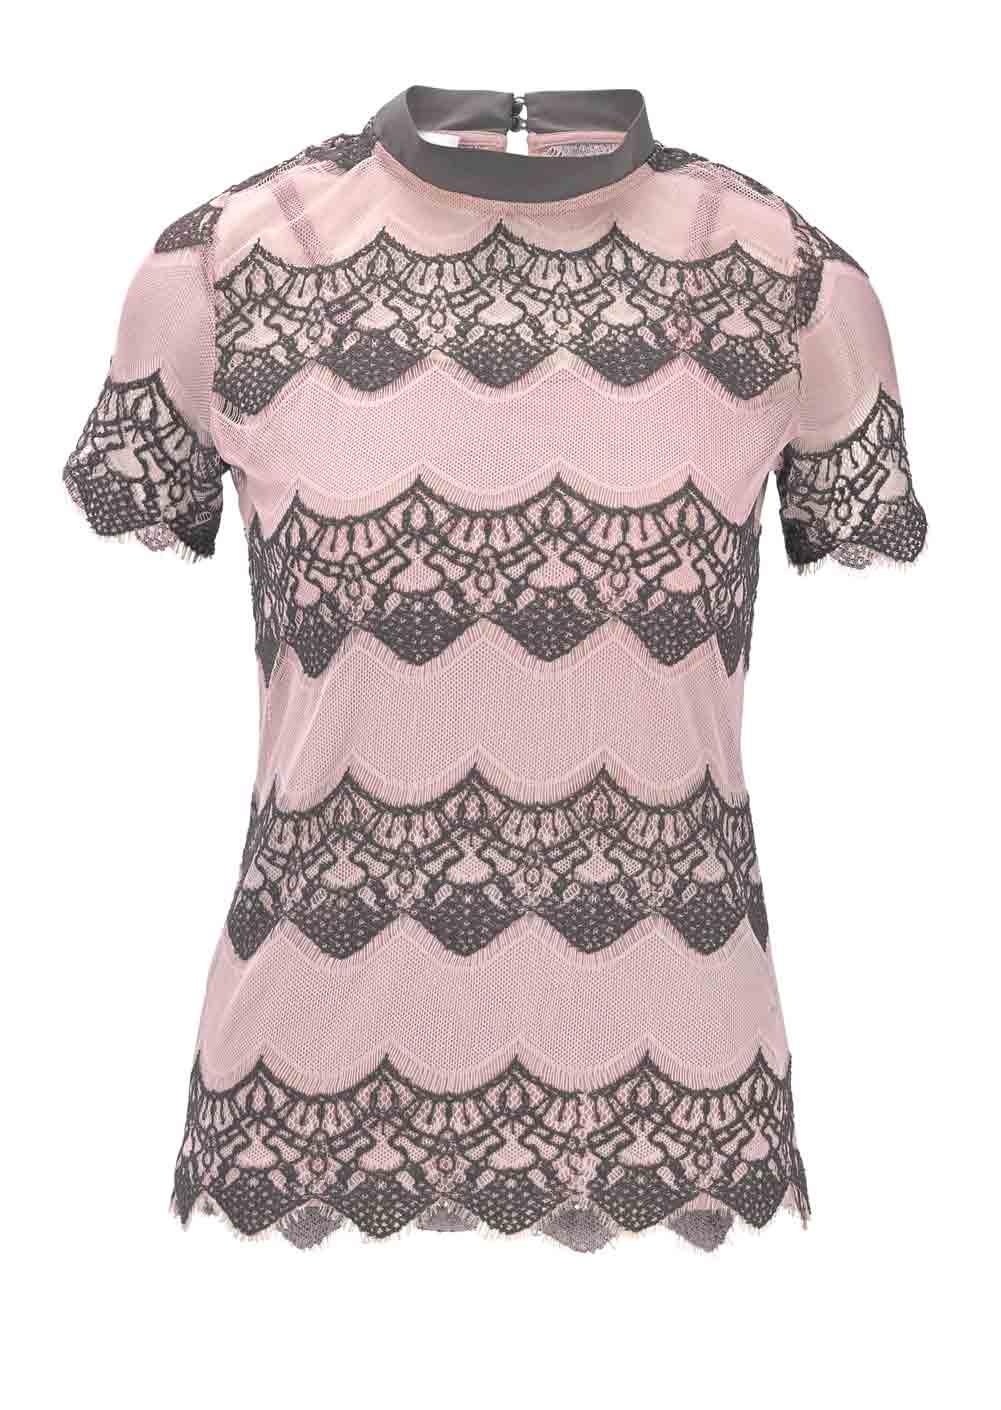 967.710 HEINE Damen Designer-Spitzenshirt + Top Rosé-Anthrazit